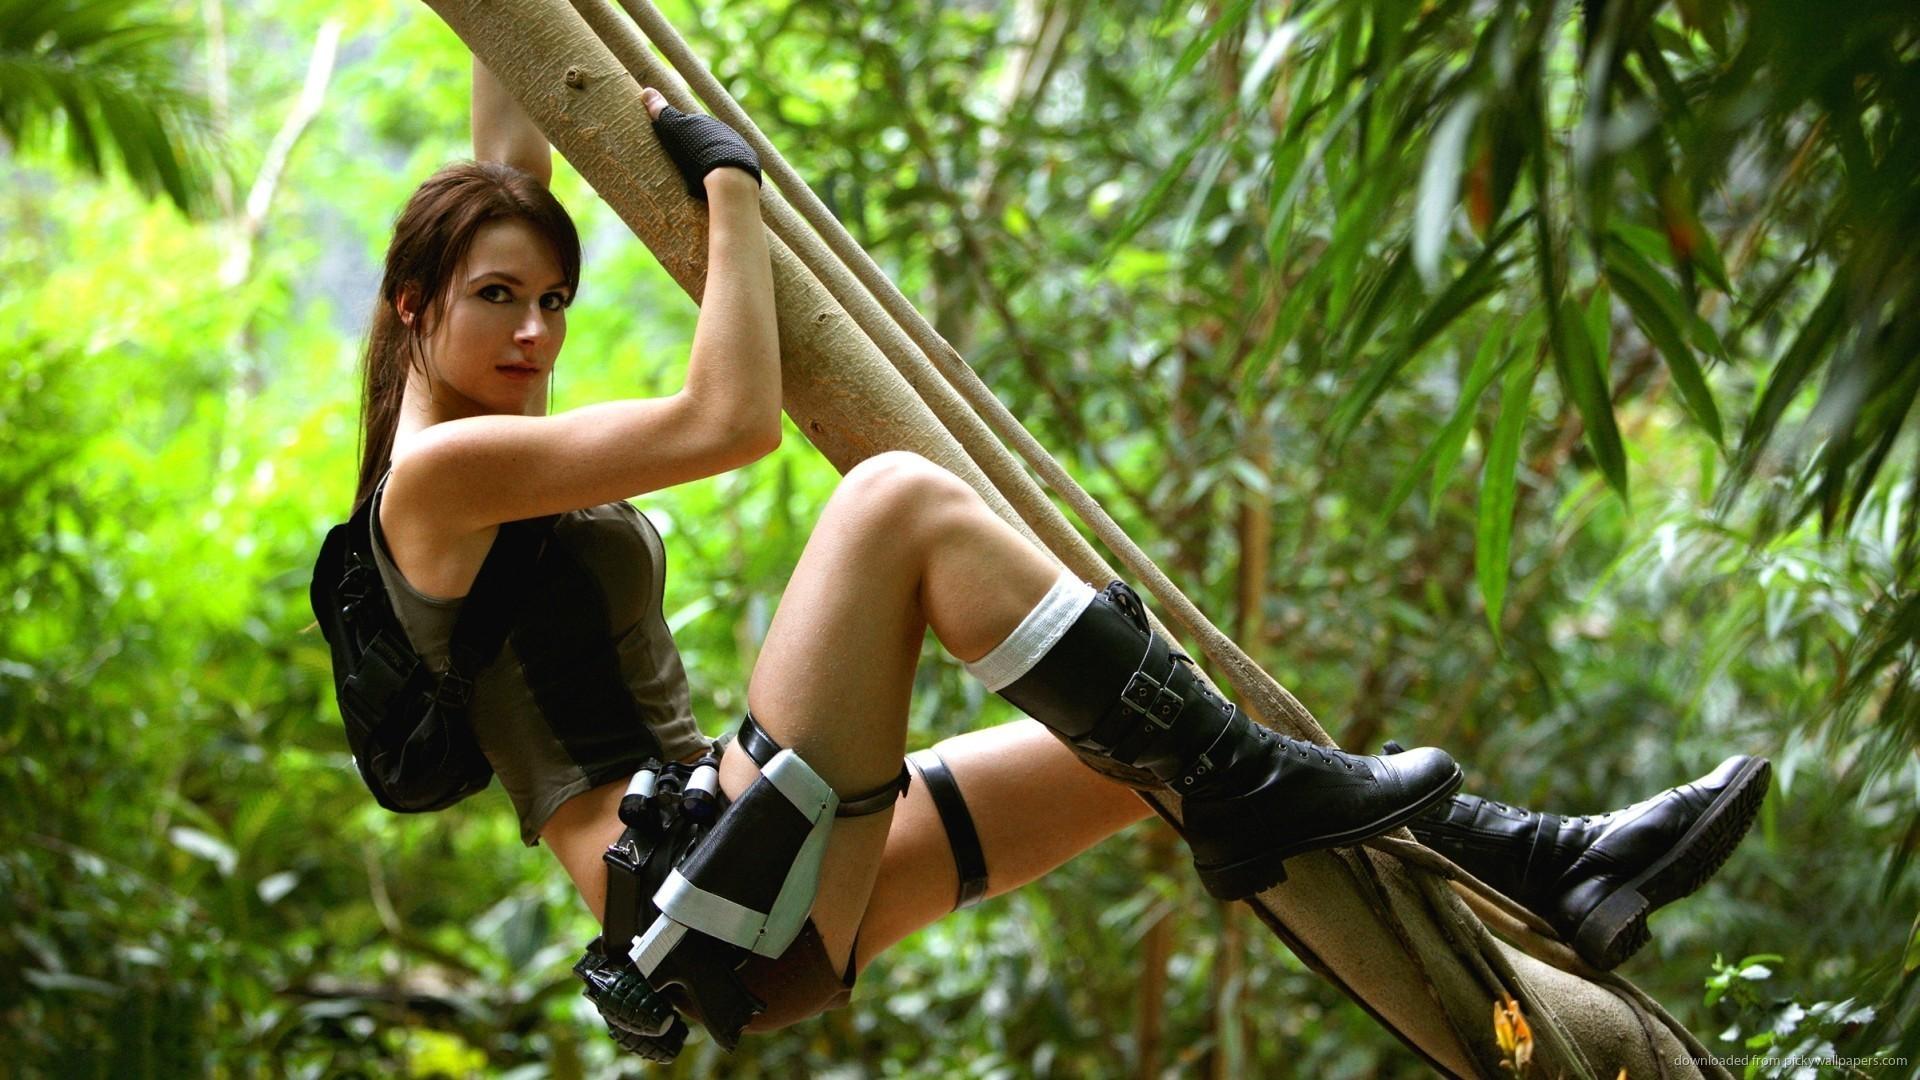 Sexy Camilla Luddington HD Wallpaper picture